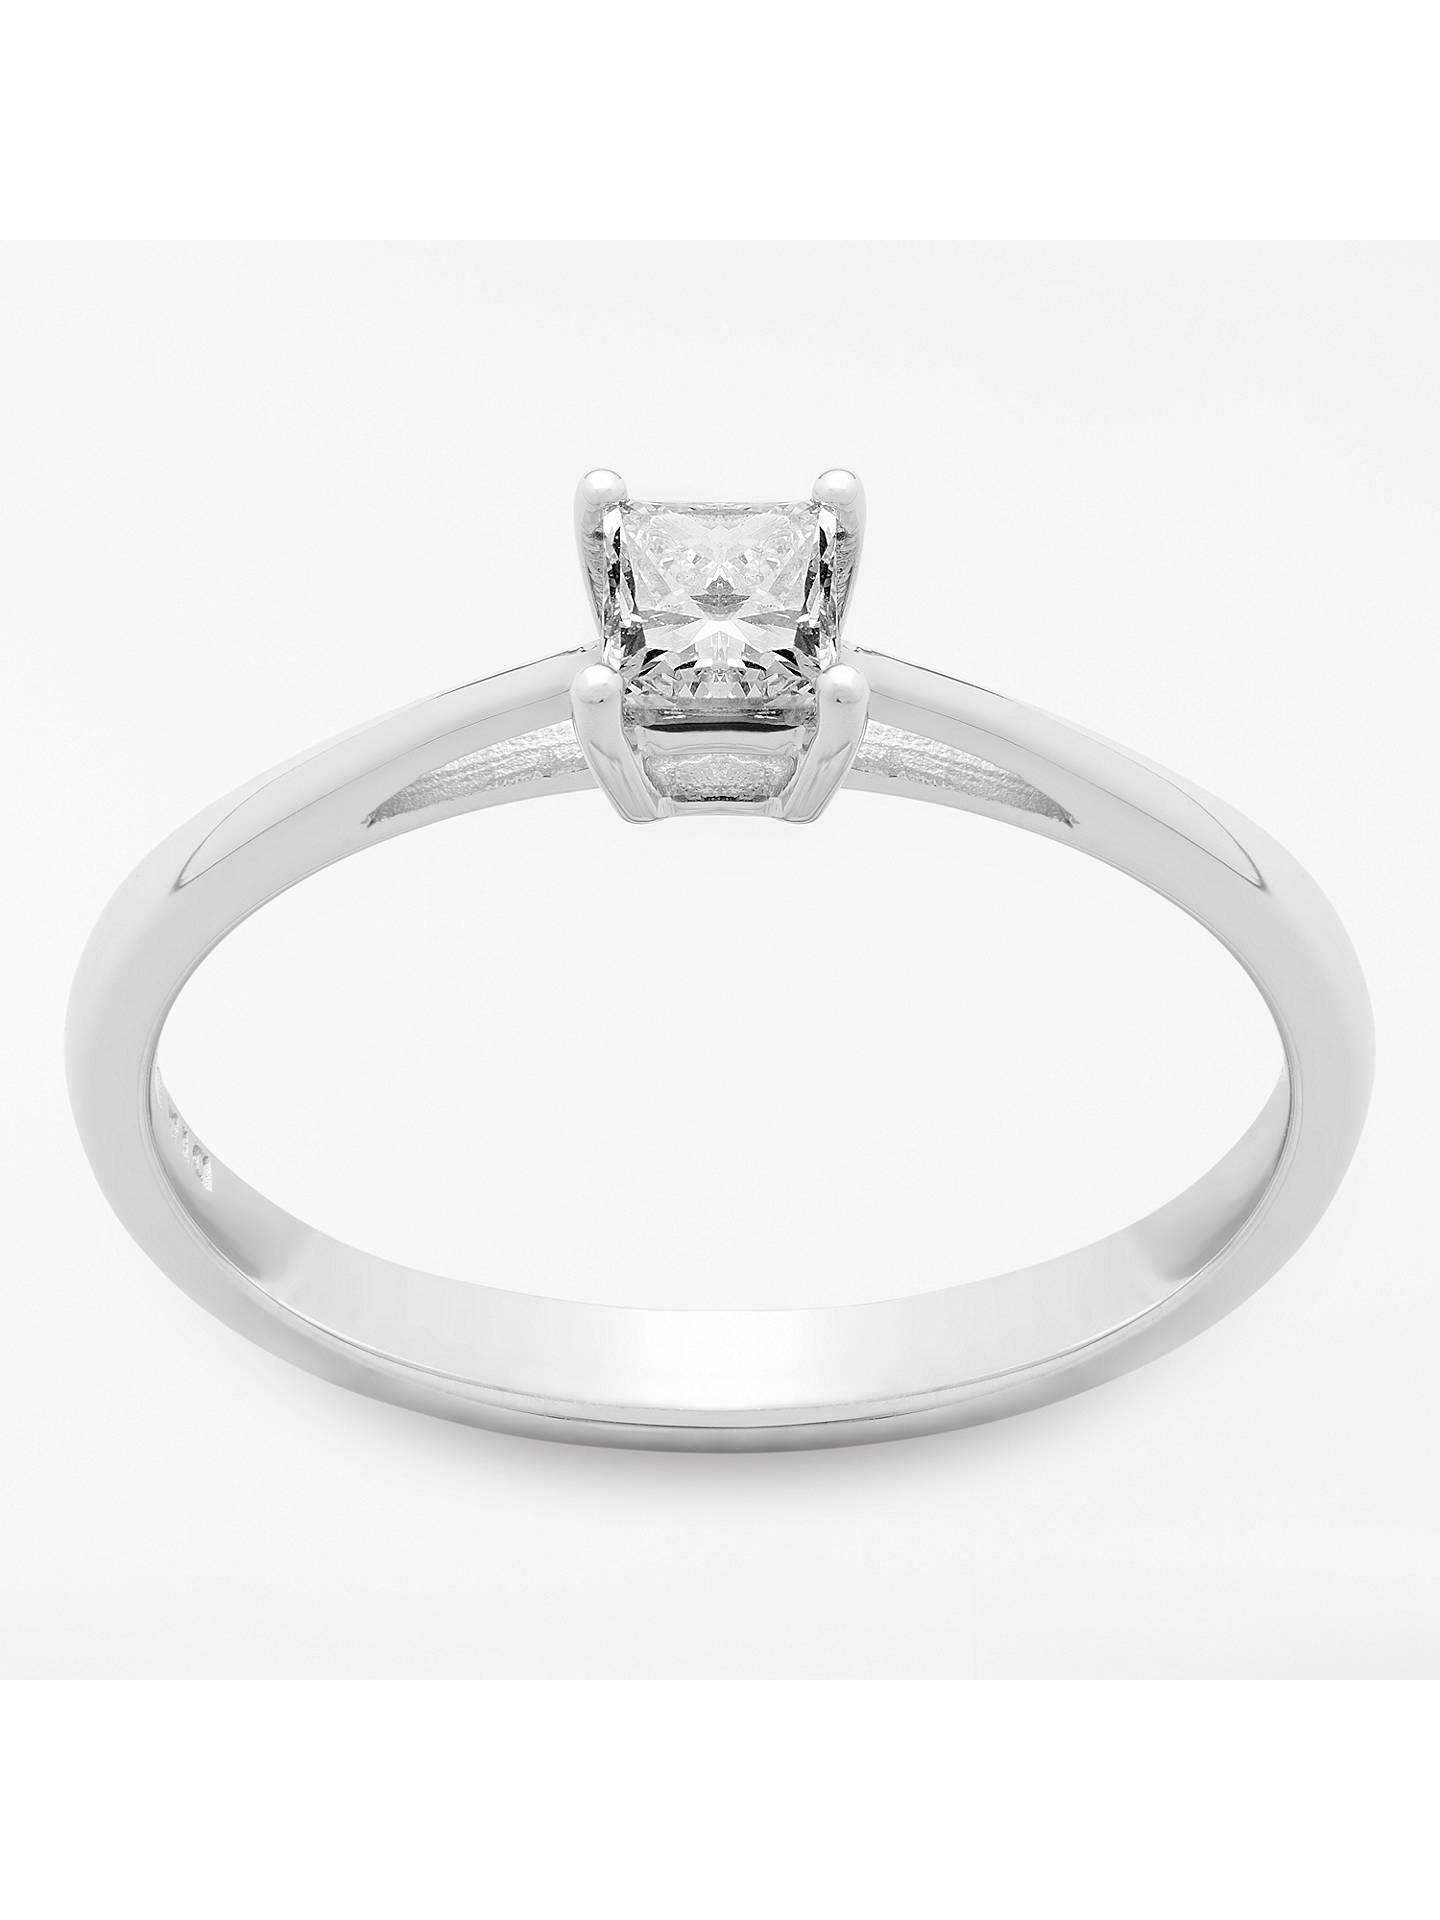 Mogul 18ct White Gold Princess Cut Diamond Engagement Ring 0 25ct